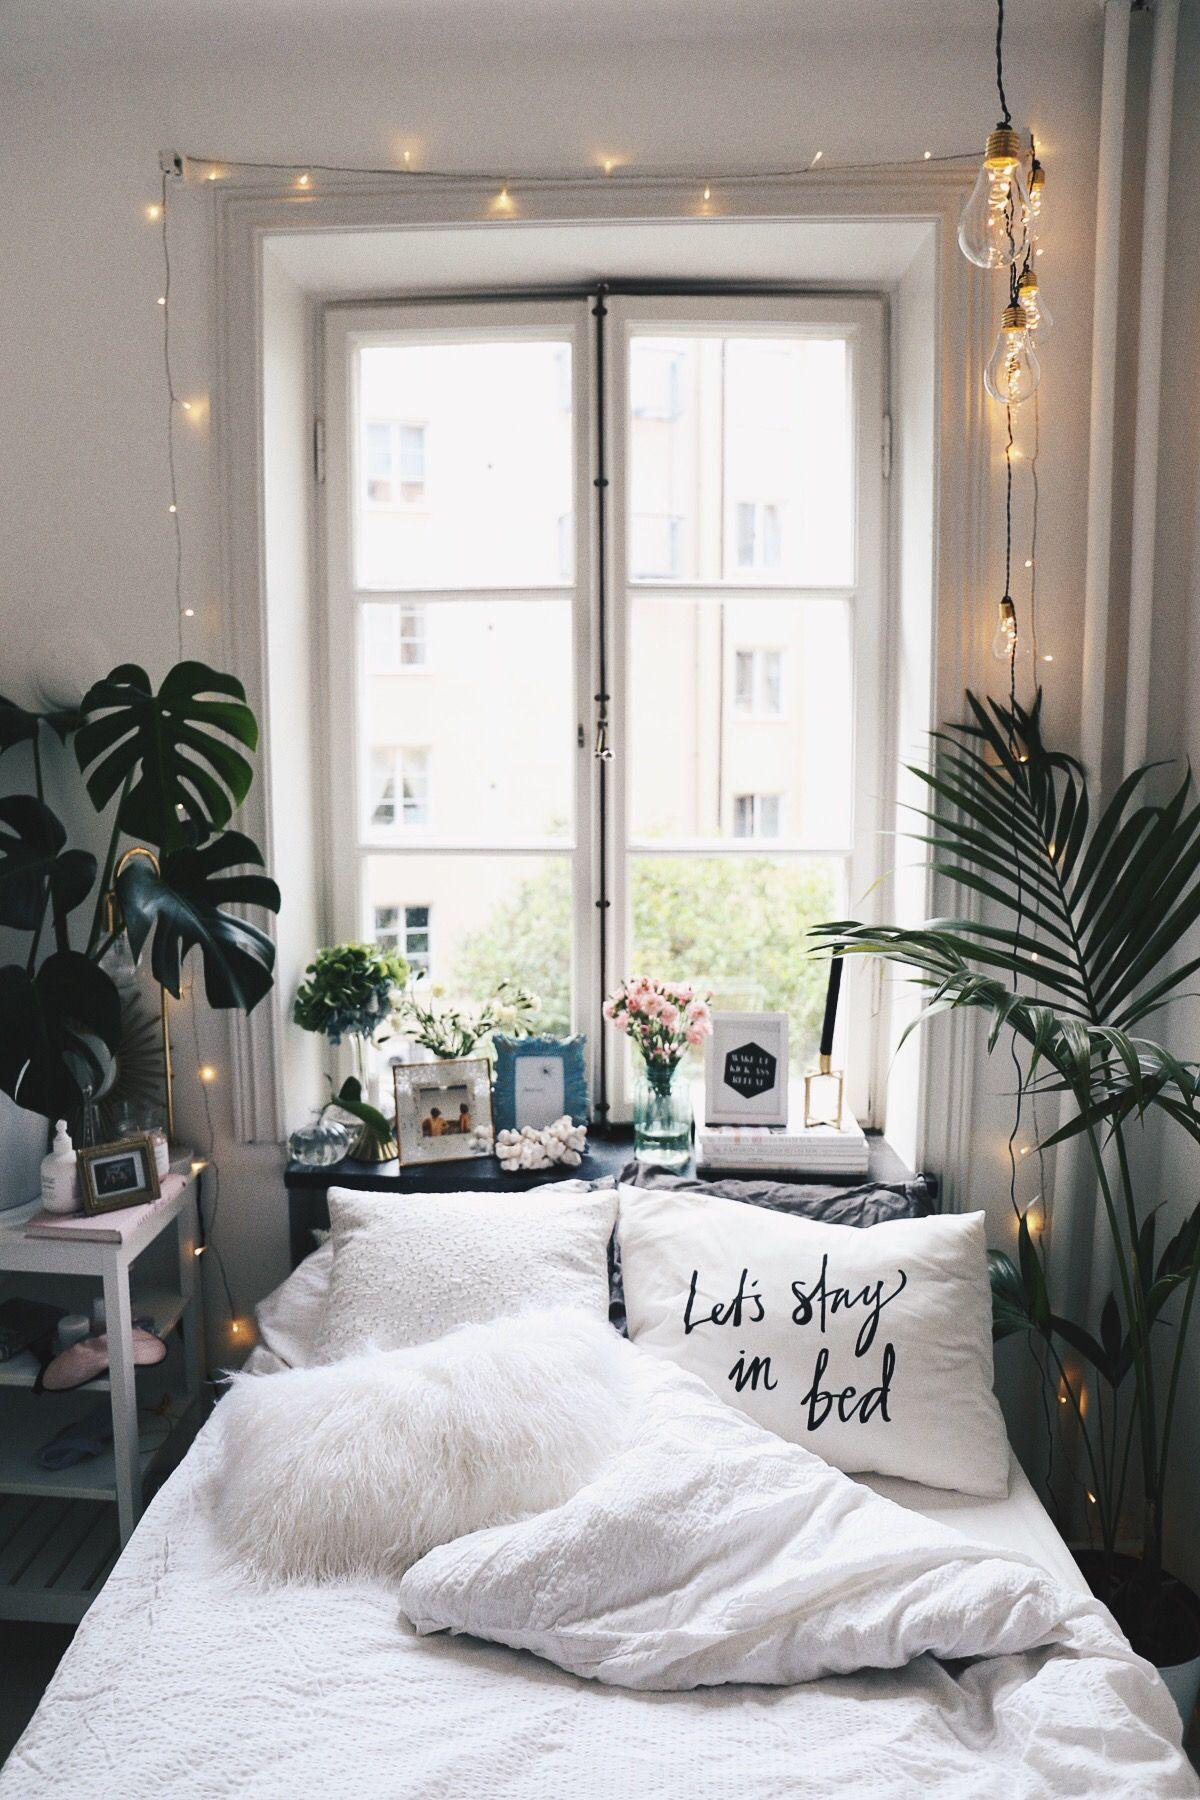 42 Stunning Aesthetic Room Accessories  Aesthetic Bedroom Ideas On Pinterest 7 Bedroom Ideas